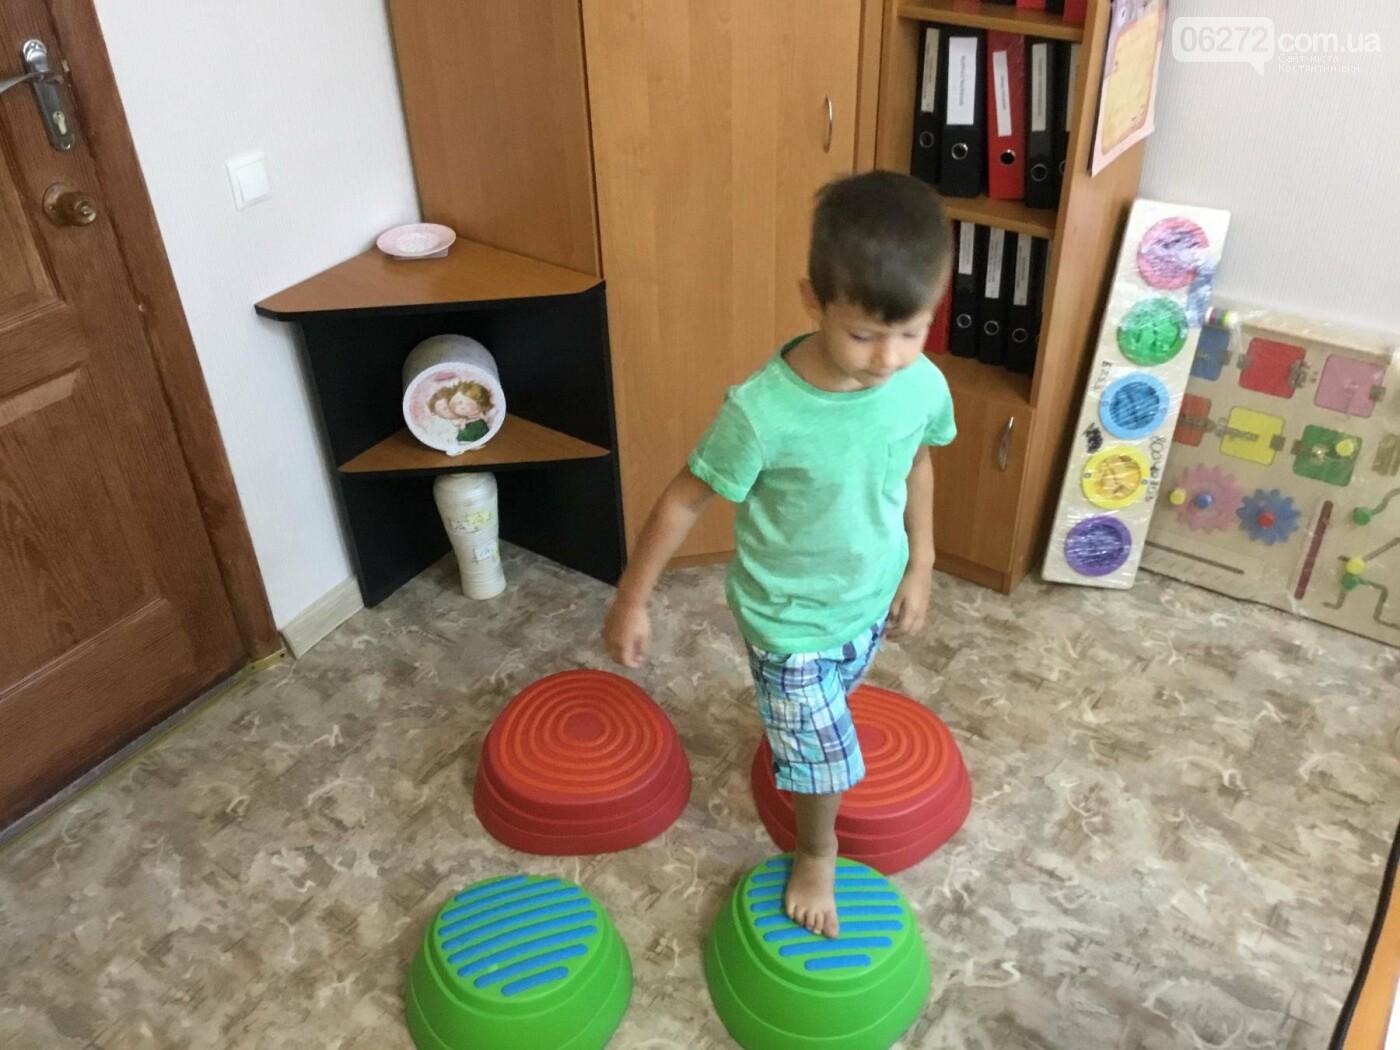 У Костянтинівці в дитячій інклюзивній групі з'явилось сучасне обладнання, фото-7